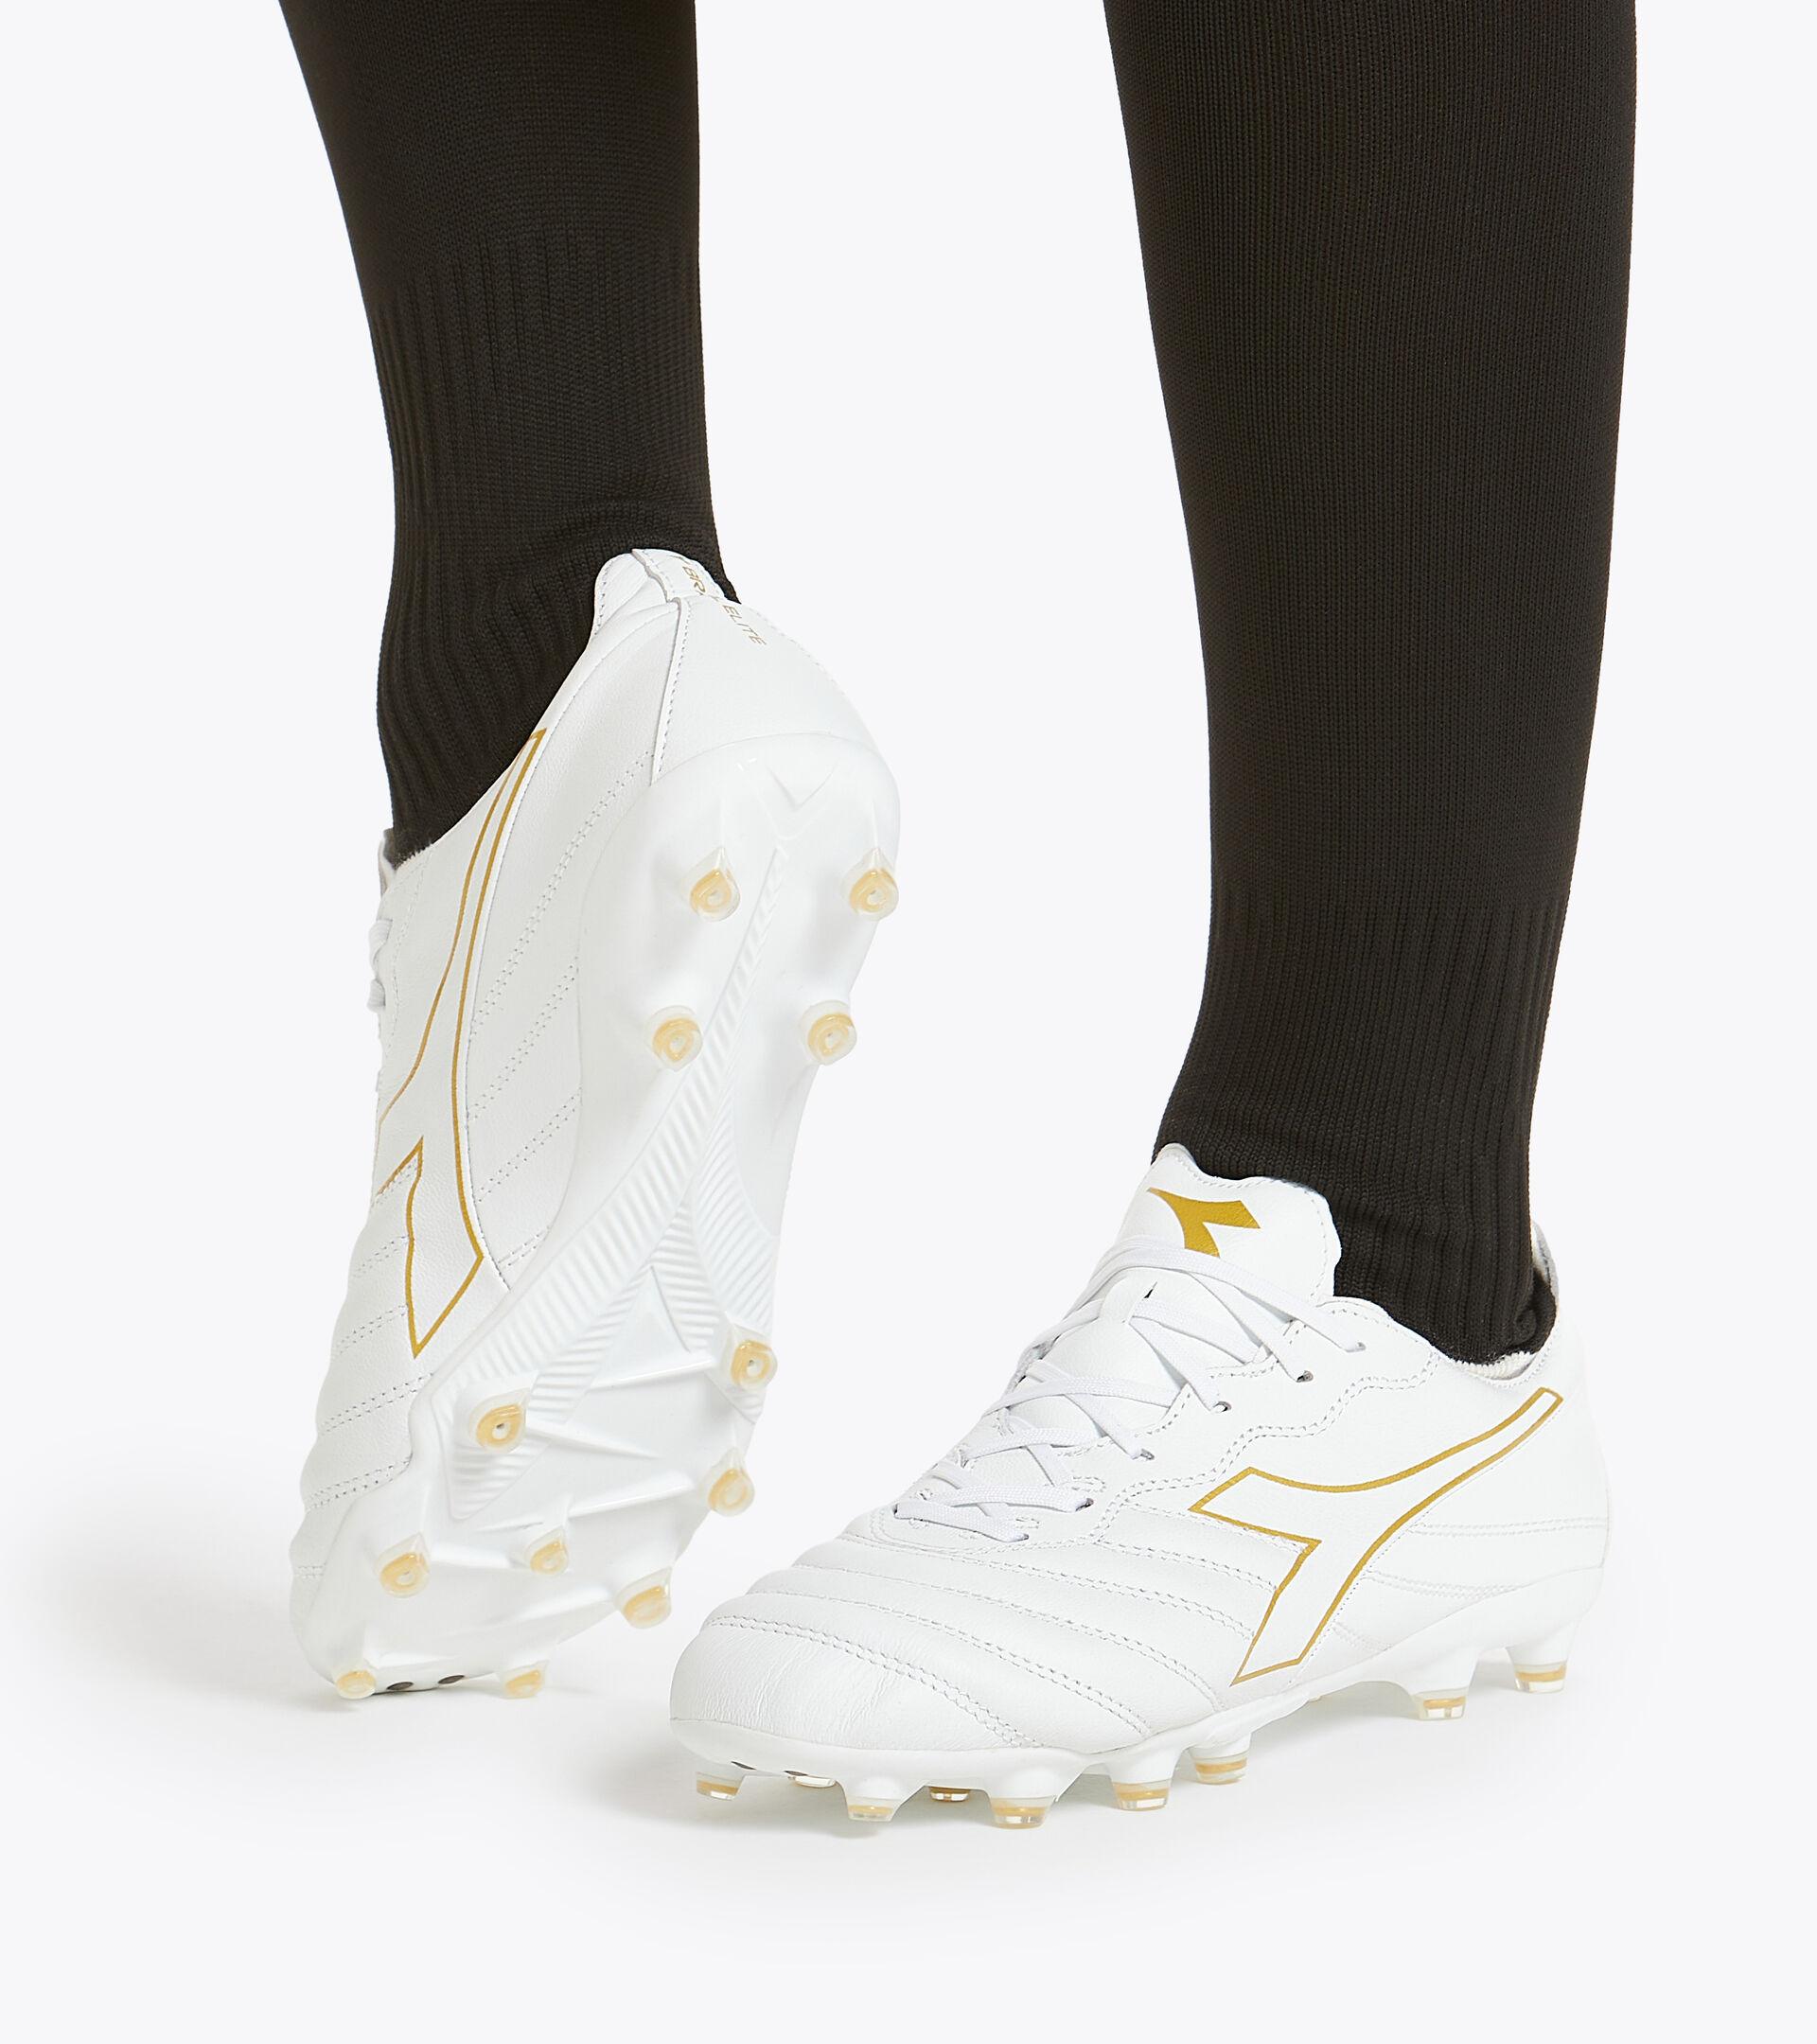 Chaussures de football pour terrains compacts BRASIL ELITE LT LP12 BLANC/OR BRUN - Diadora